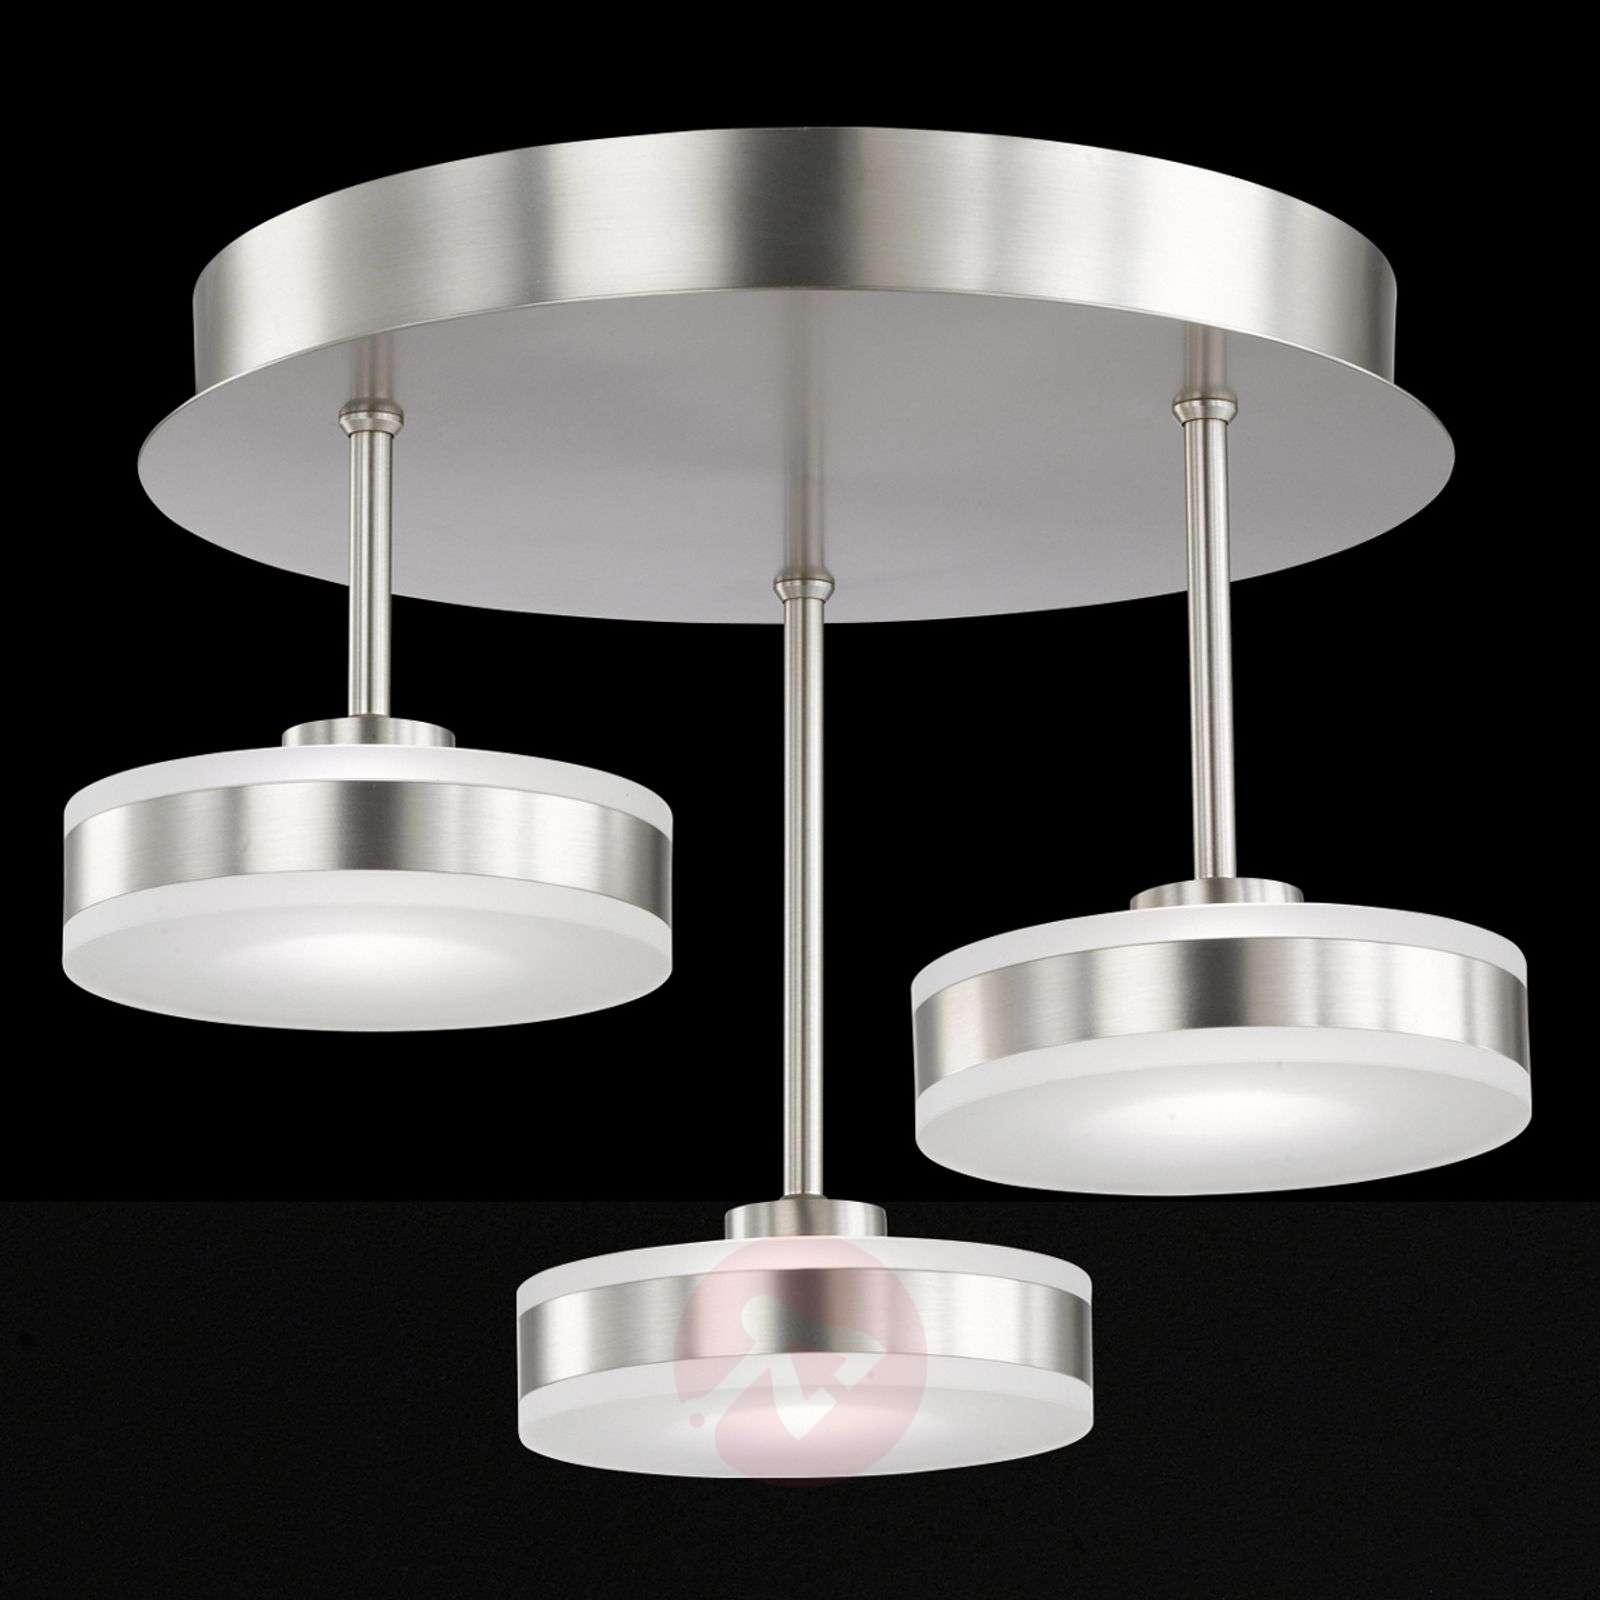 Näyttävä LED-kattovalaisin Puk, kolmiosainen-4581203-01